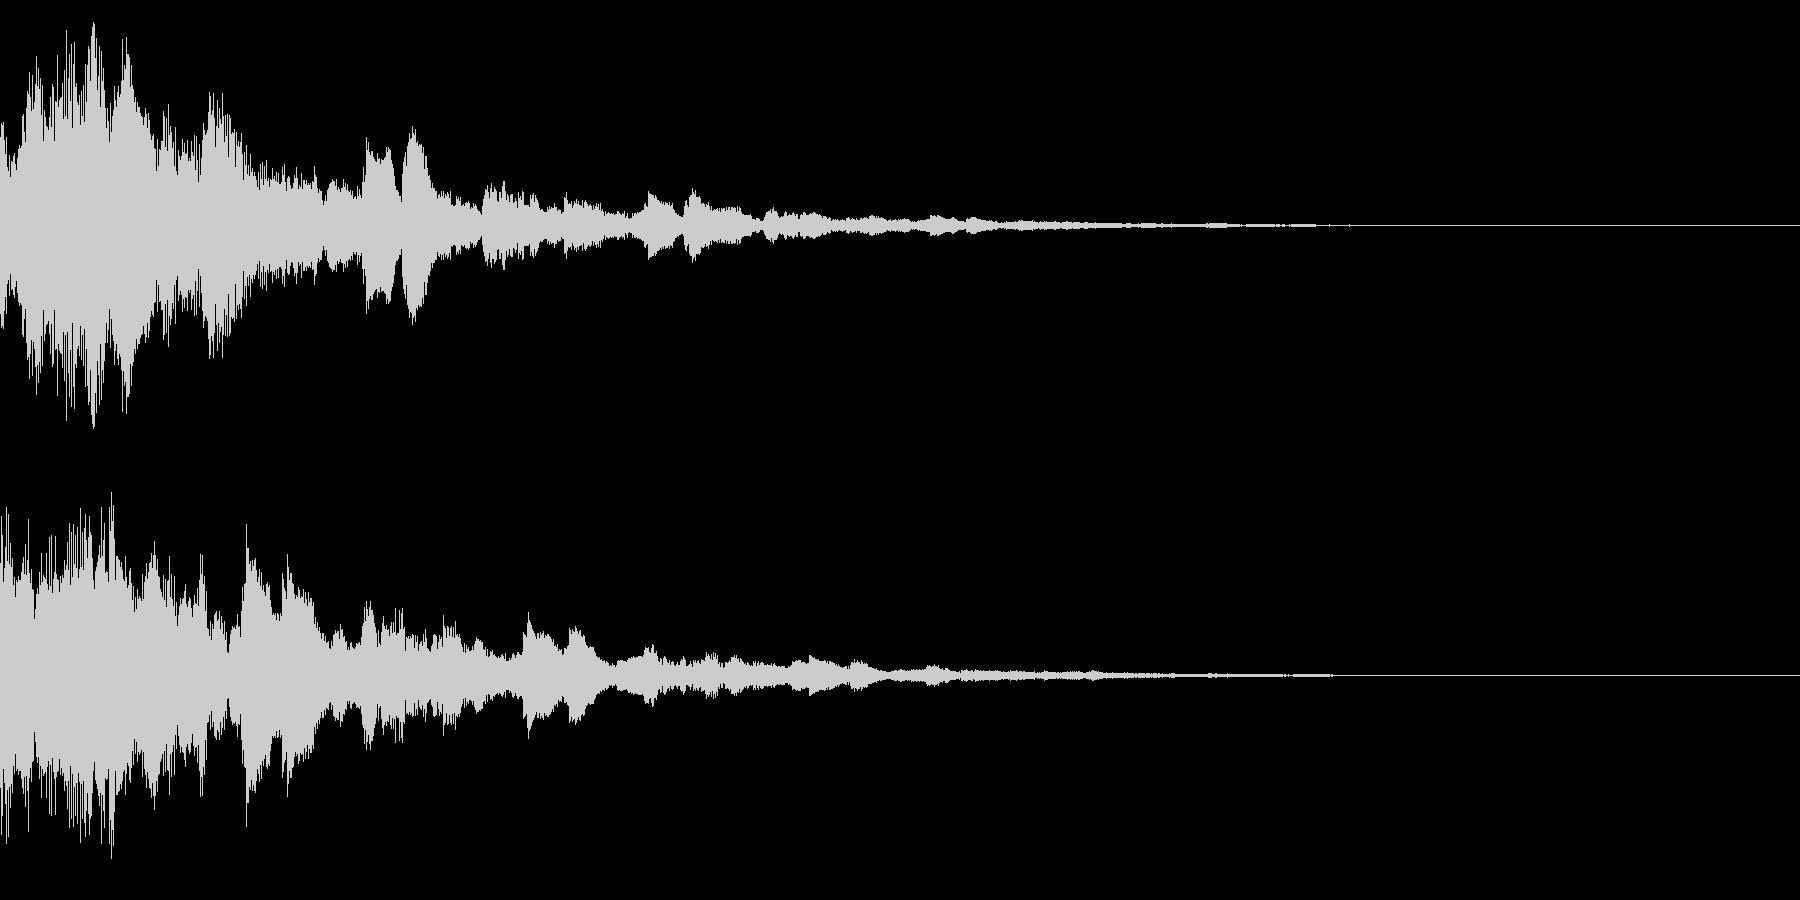 サウンドロゴ32(ベル系)の未再生の波形